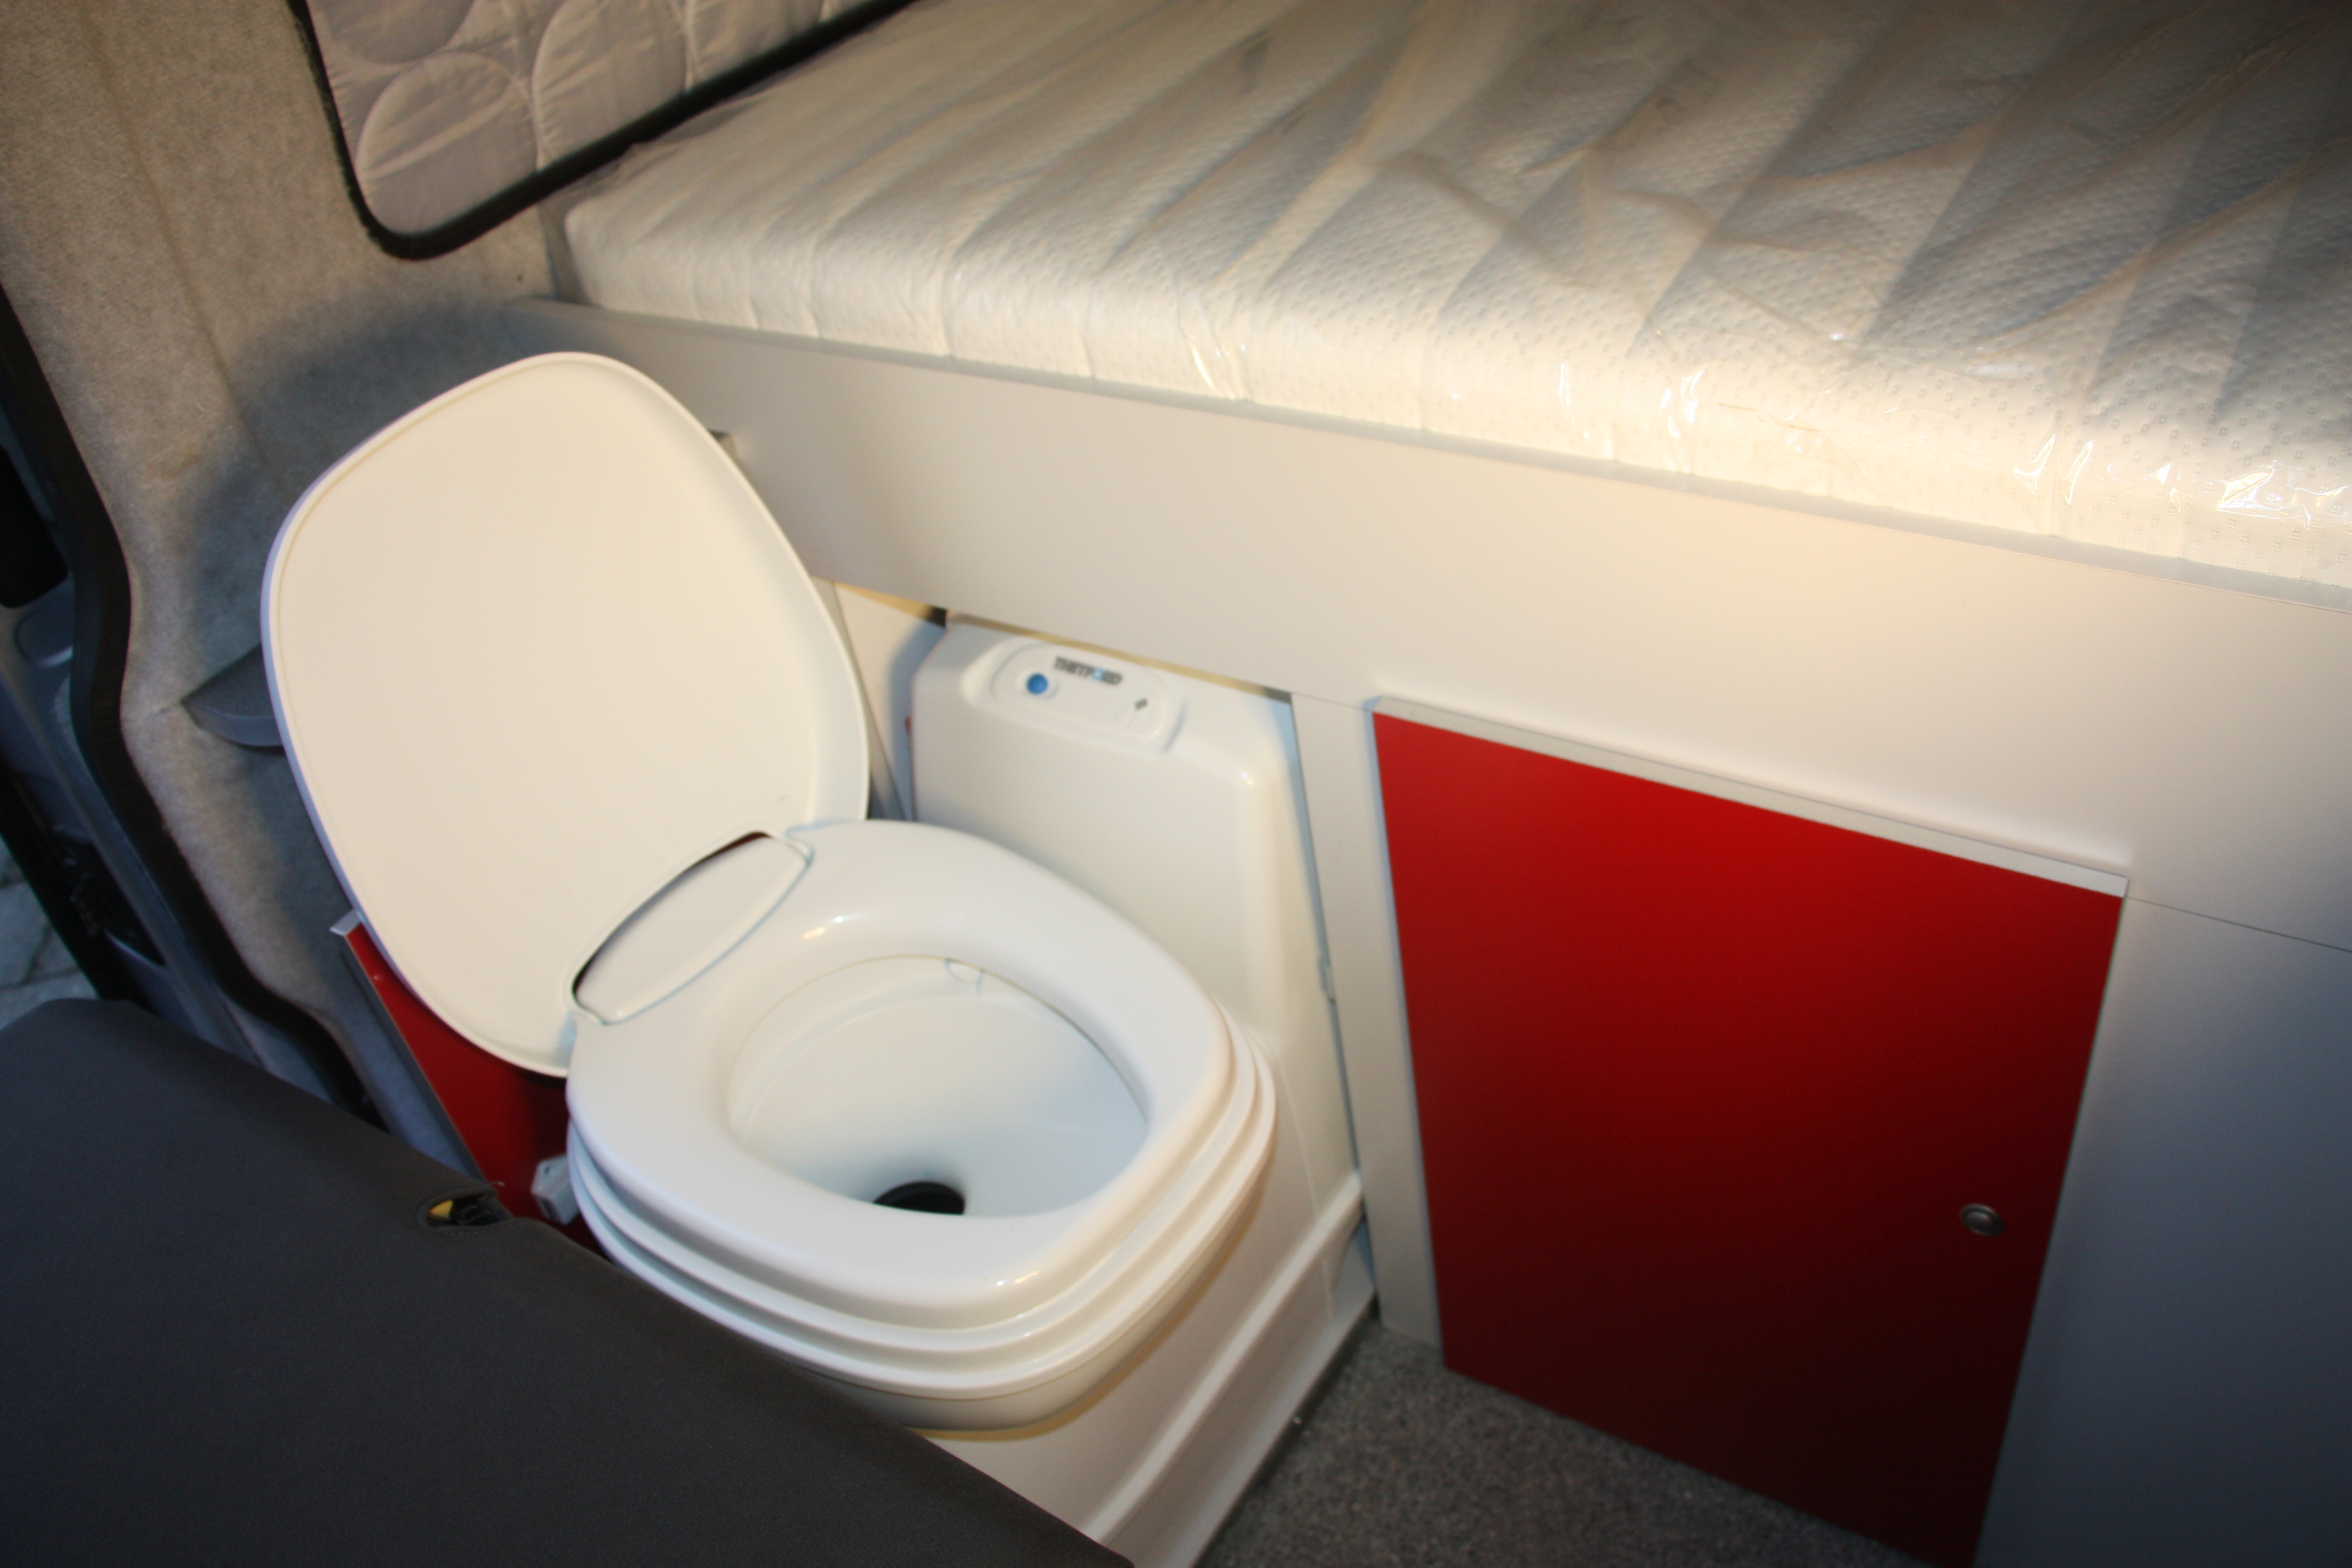 Chemisch Toilet Kopen : Volkswagen transporter met unieke indeling vast bed en toilet